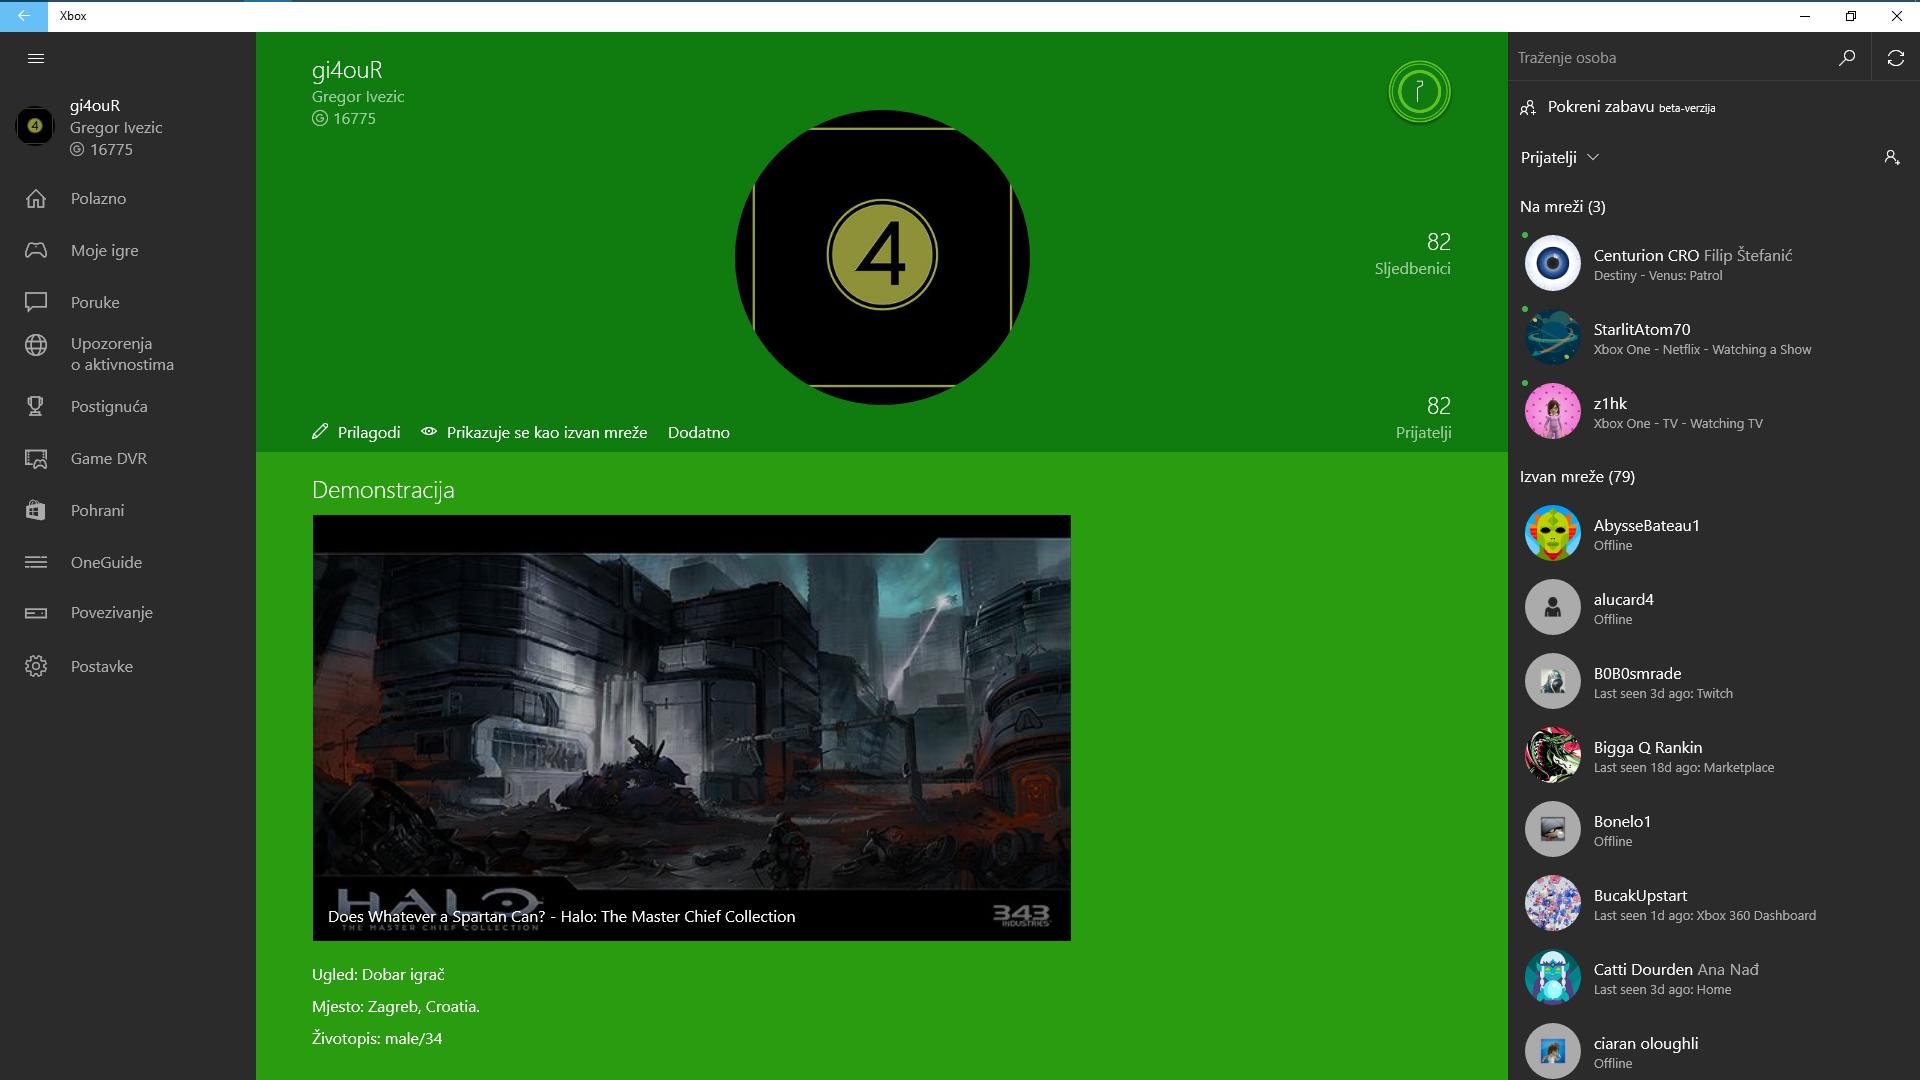 Xbox_app_main dash